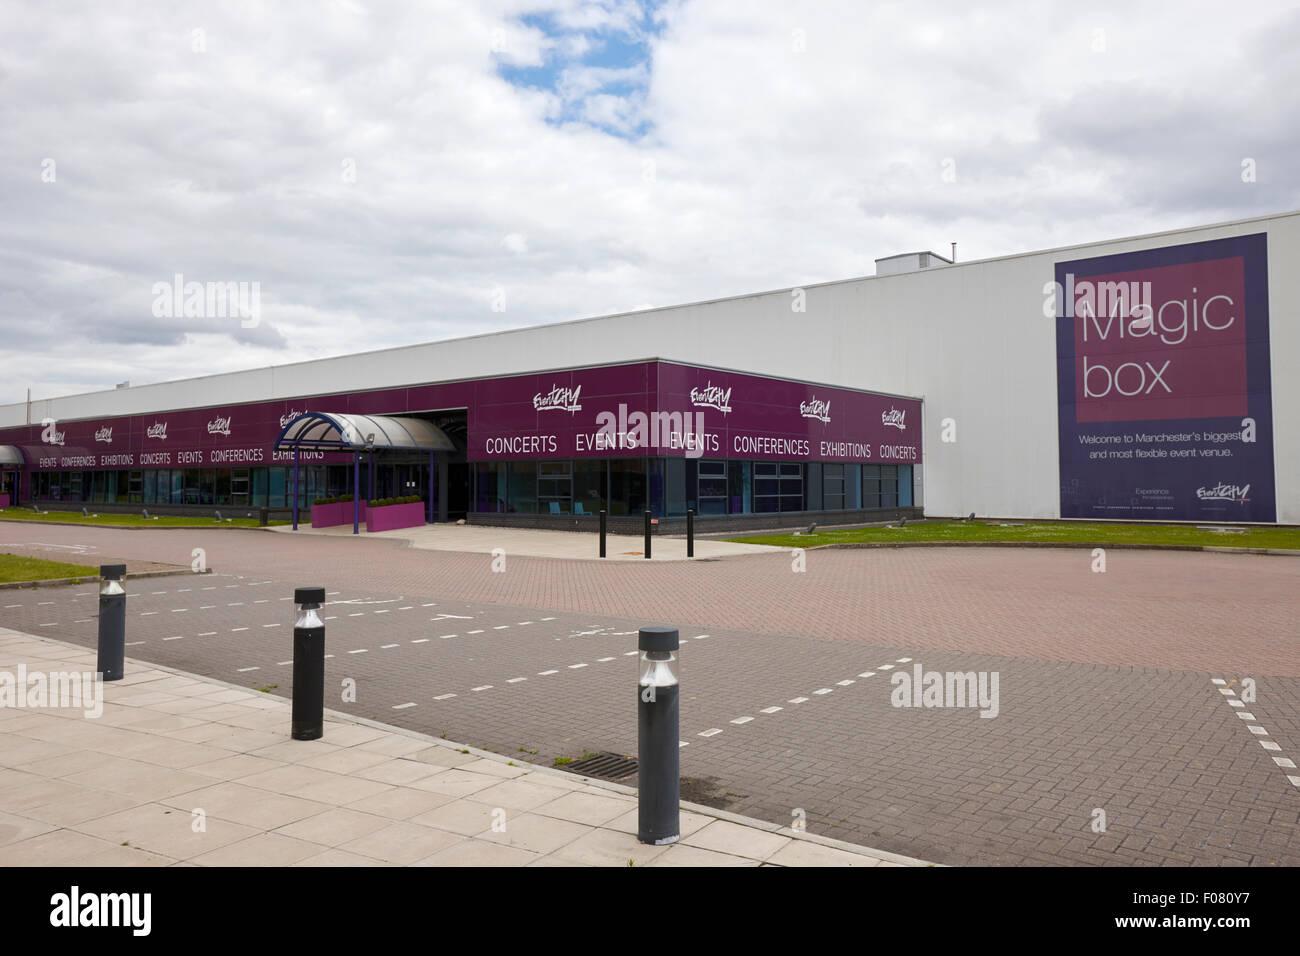 Magic Box Stadt Konferenz Konzert und Ausstellung Veranstaltung Veranstaltungsort Manchester uk Stockbild